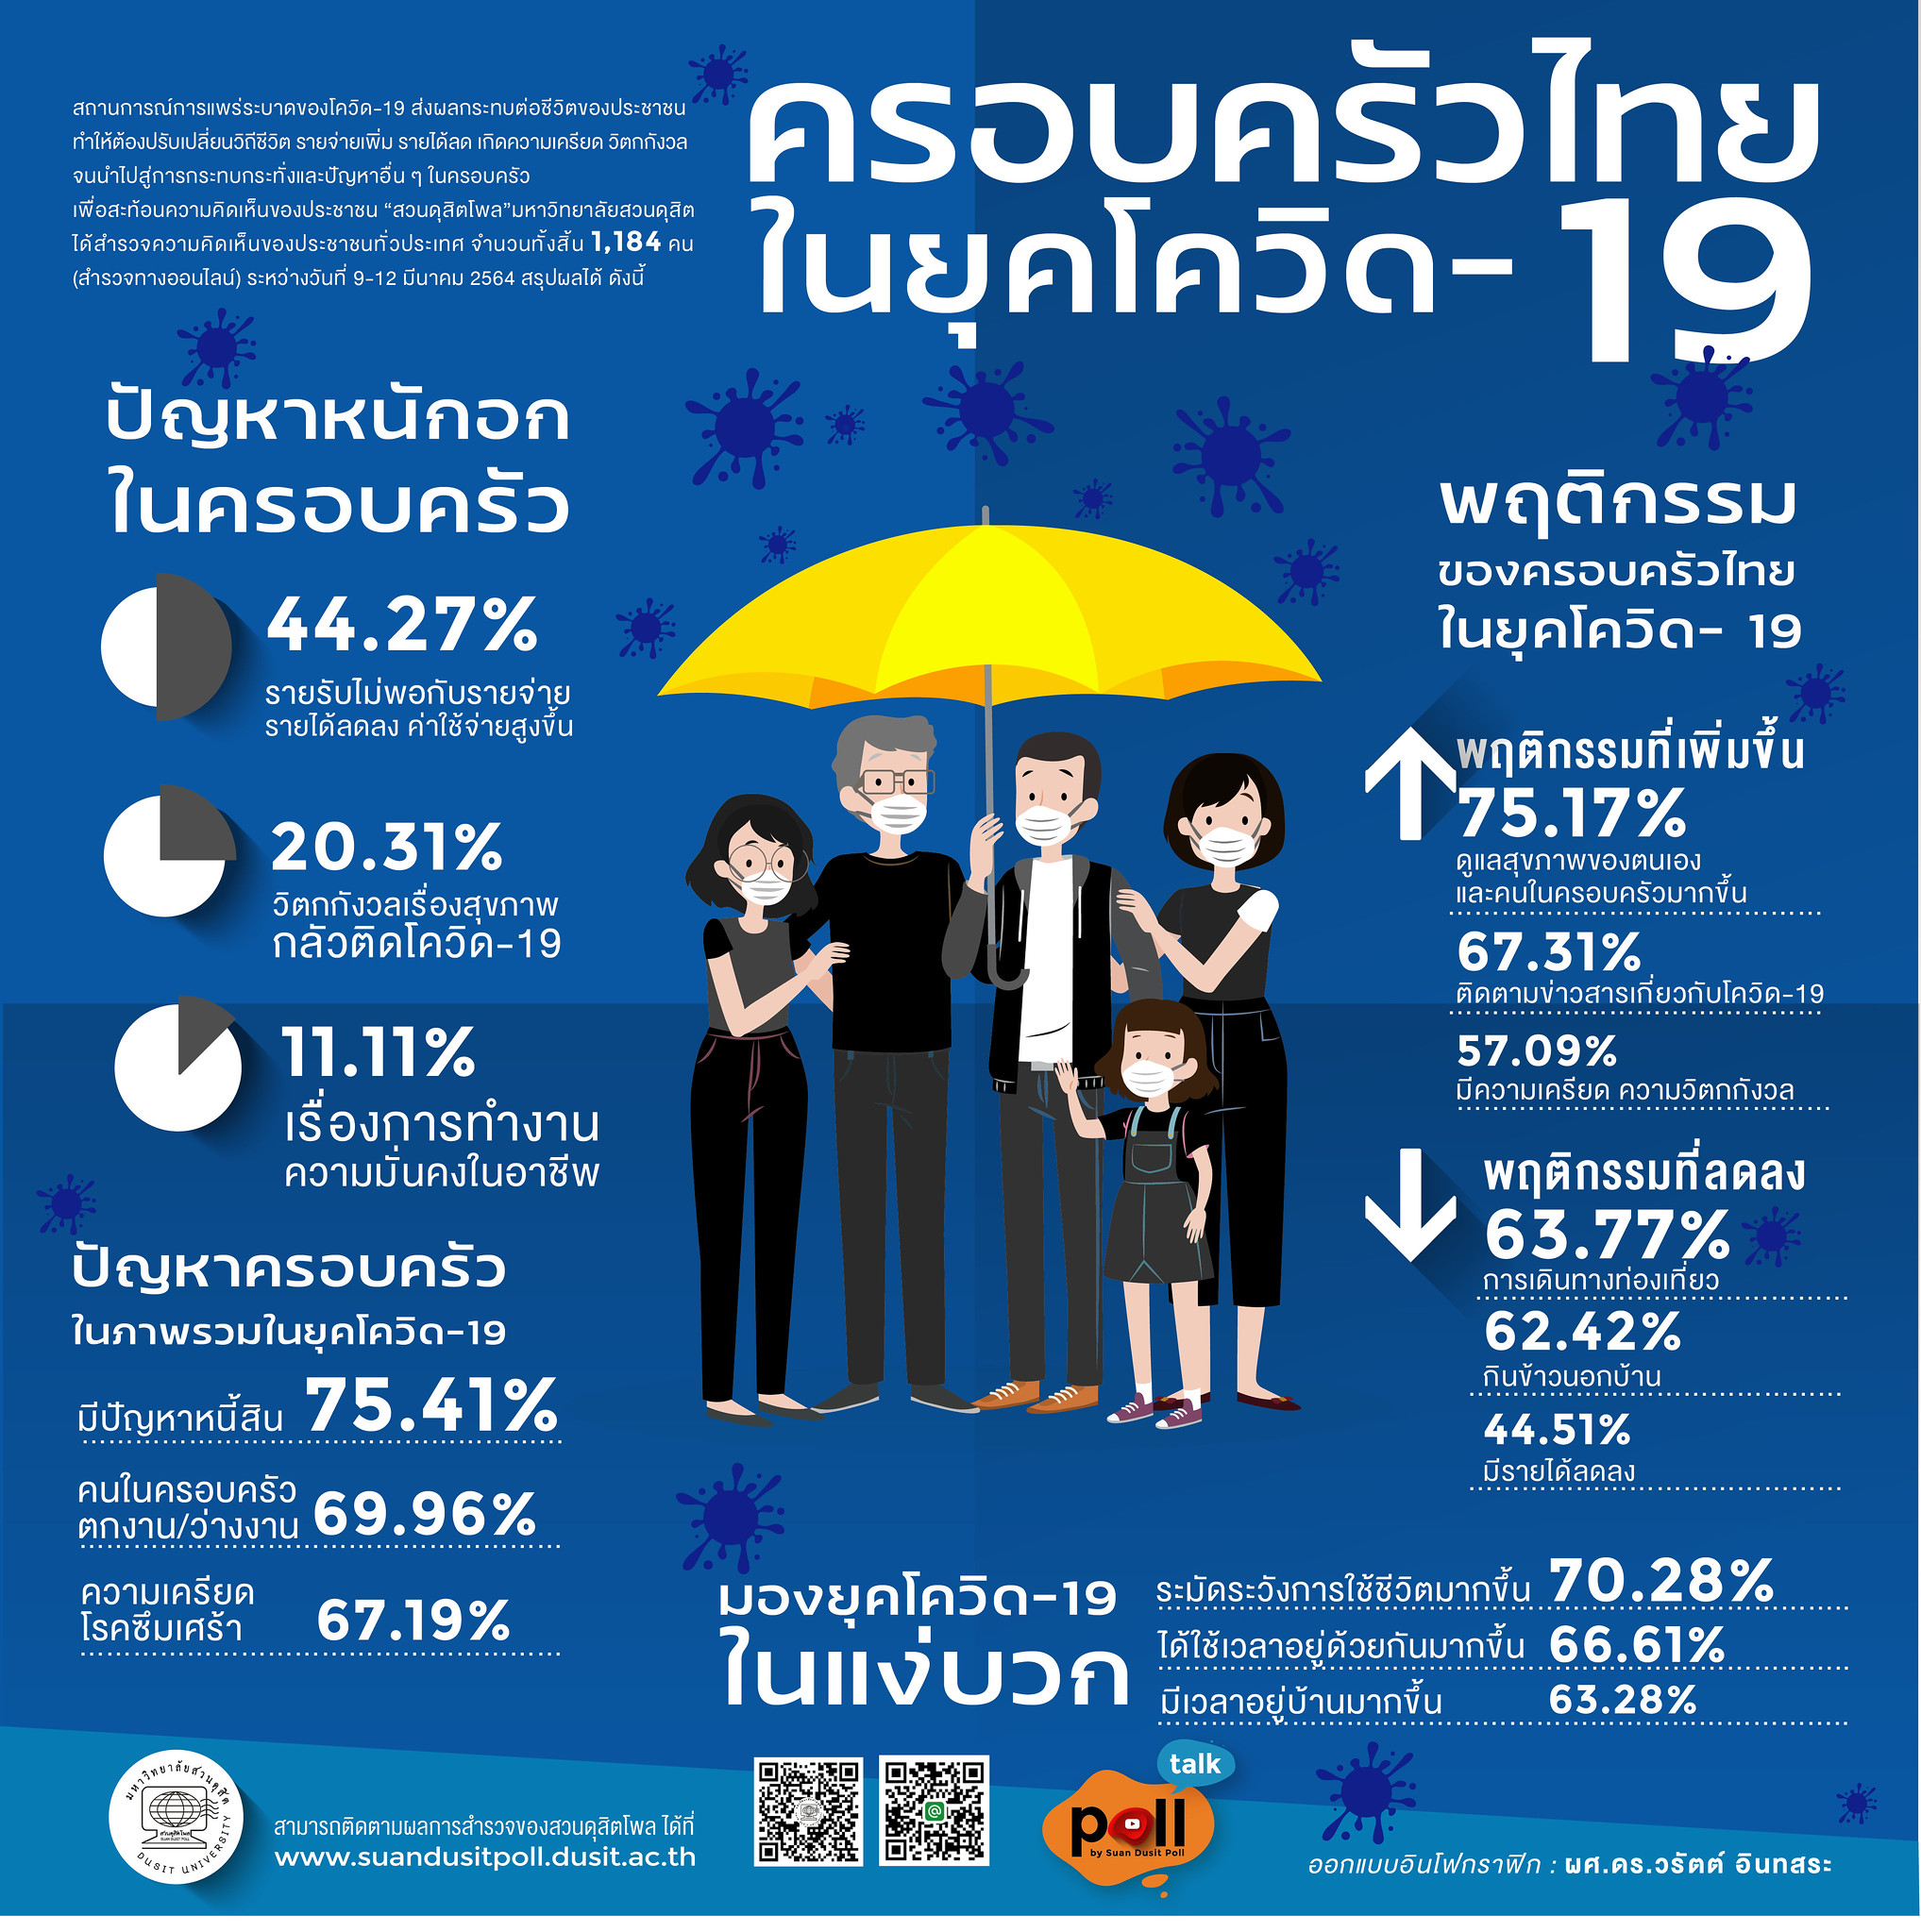 สวนดุสิตโพลสำรวจ 1,184 คน พบส่วนใหญ่ 75.41% ระบุว่าในยุค COVID-19 ปัญหาครอบครัวที่พบมากที่สุดคือปัญหาหนี้สิน